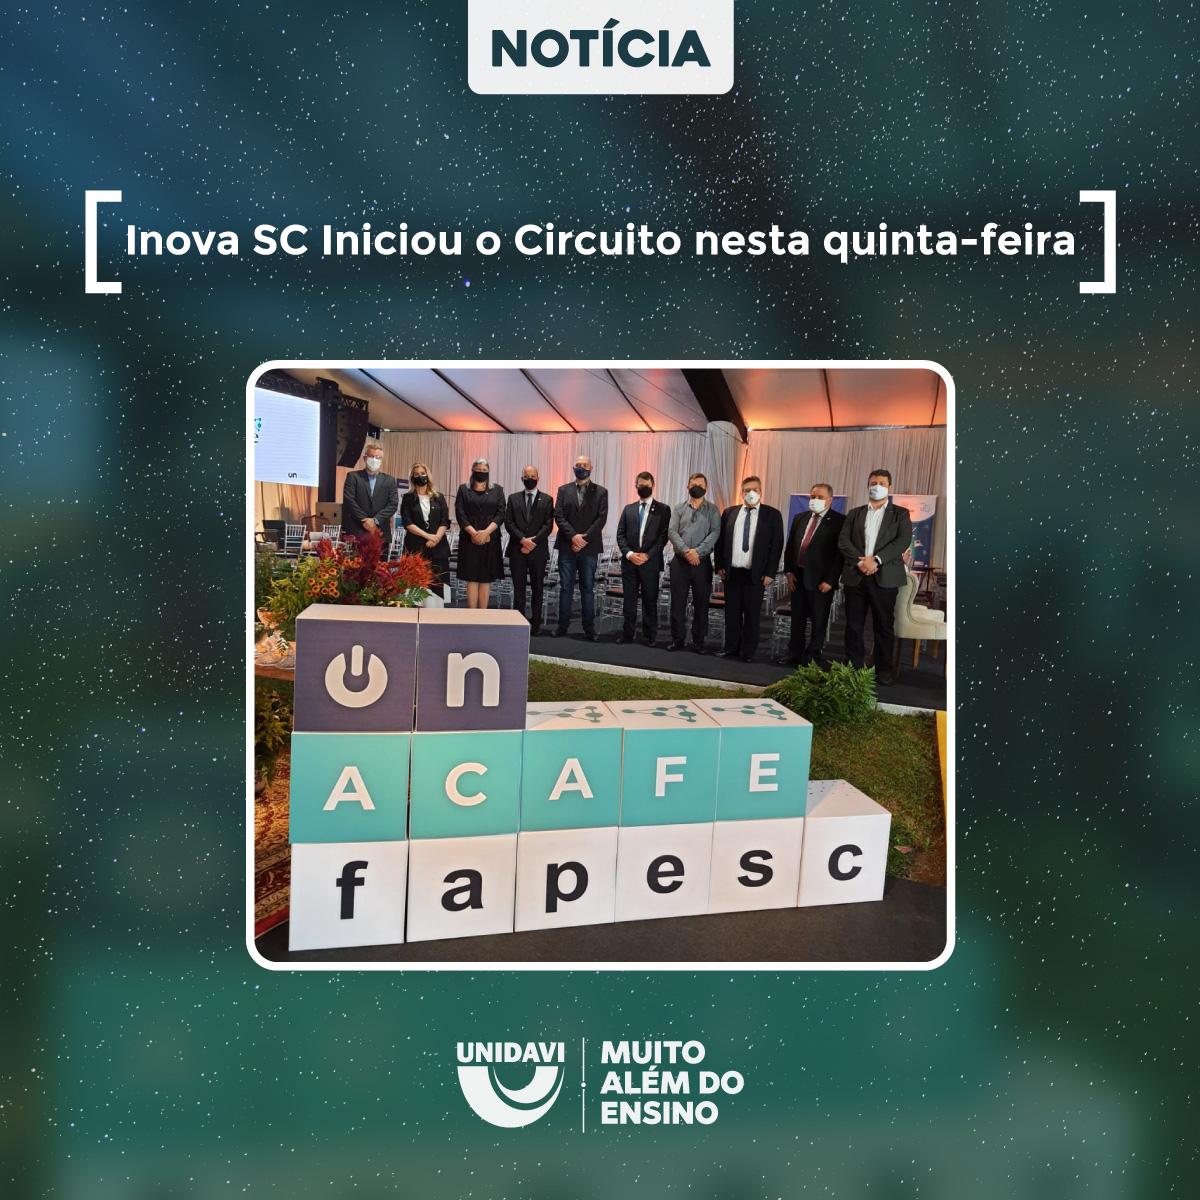 Inova SC Iniciou o Circuito nesta quinta-feira